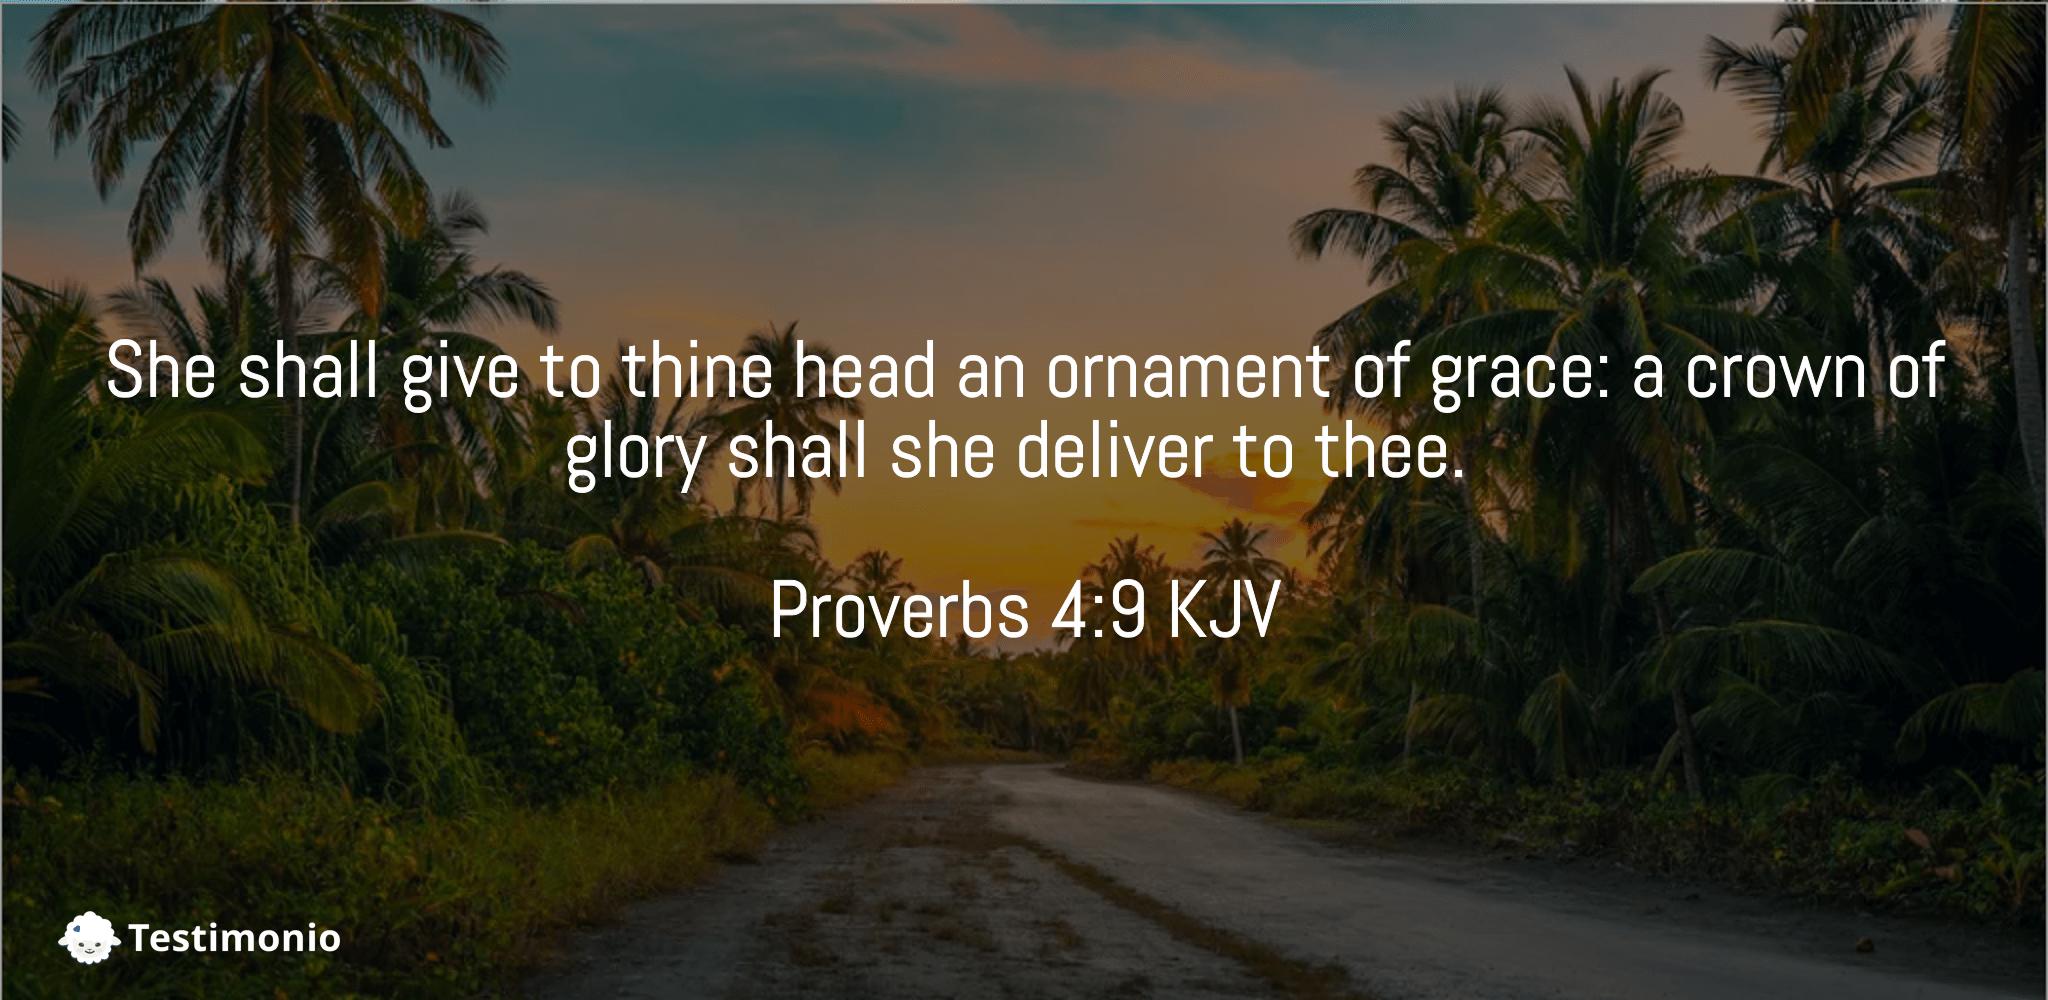 Proverbs 4:9